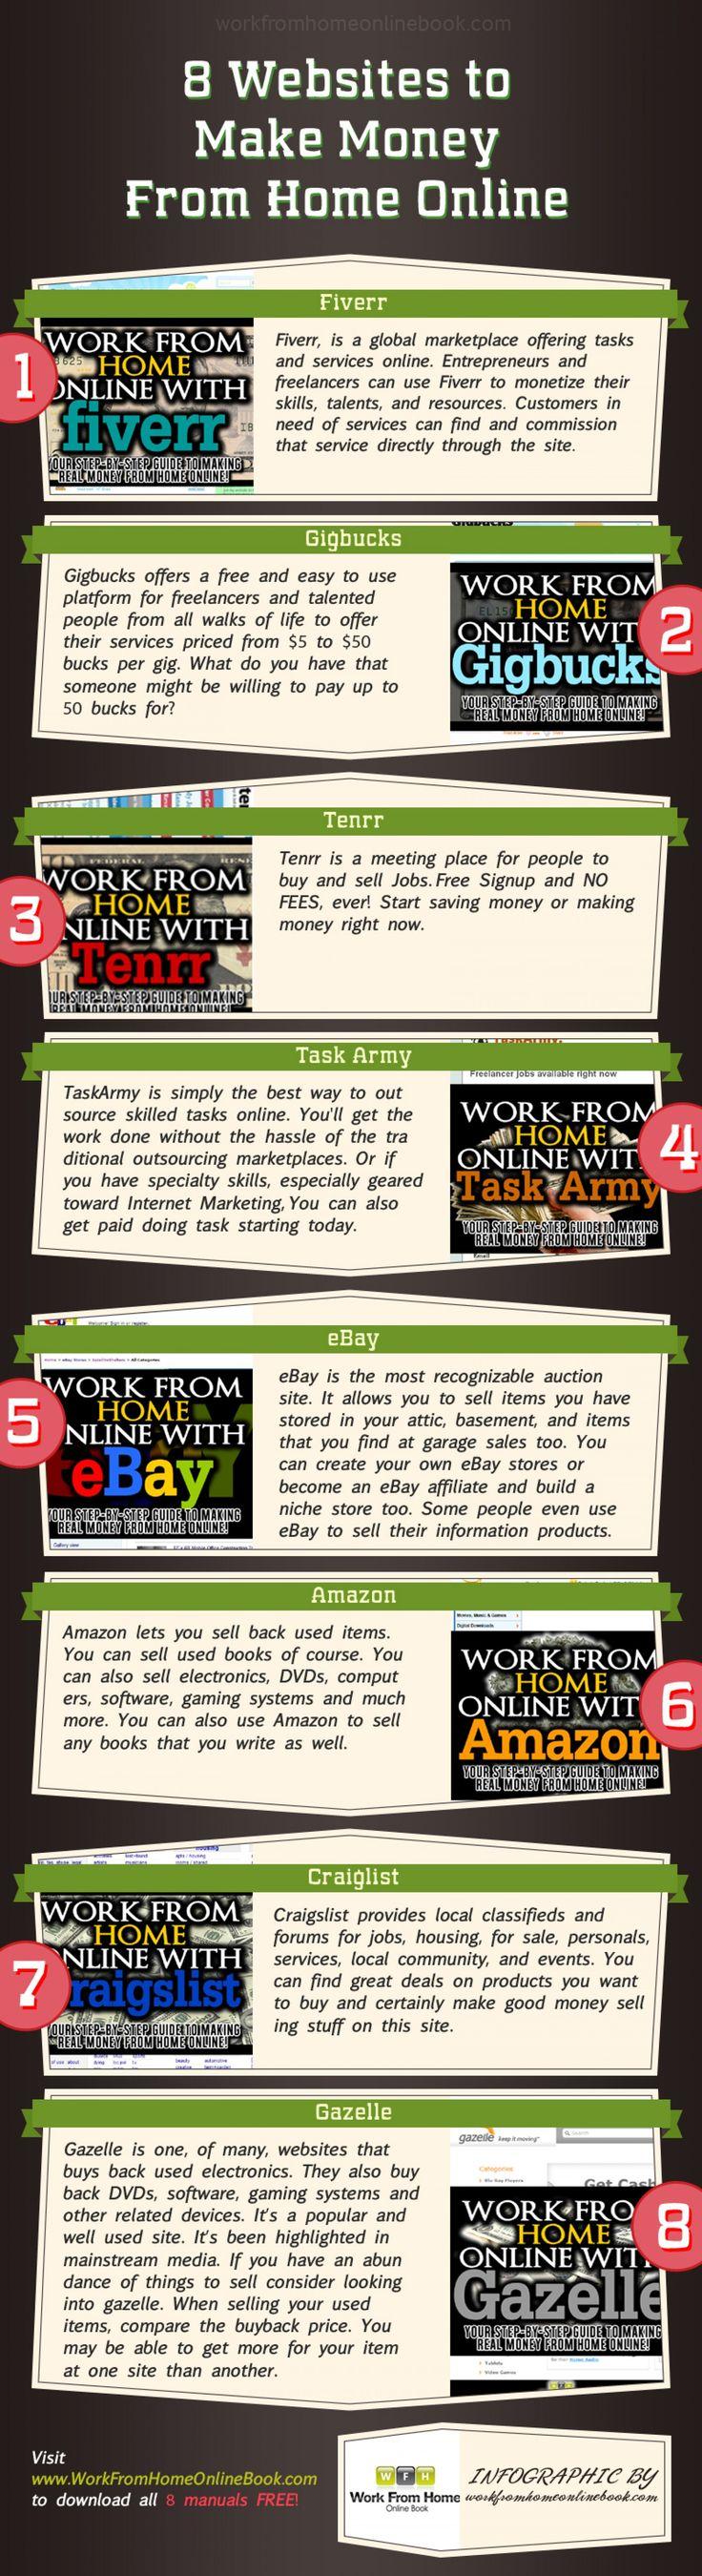 8 Möglichkeiten, Geld von zu Hause aus zu verdienen #extramoney #workfromhome